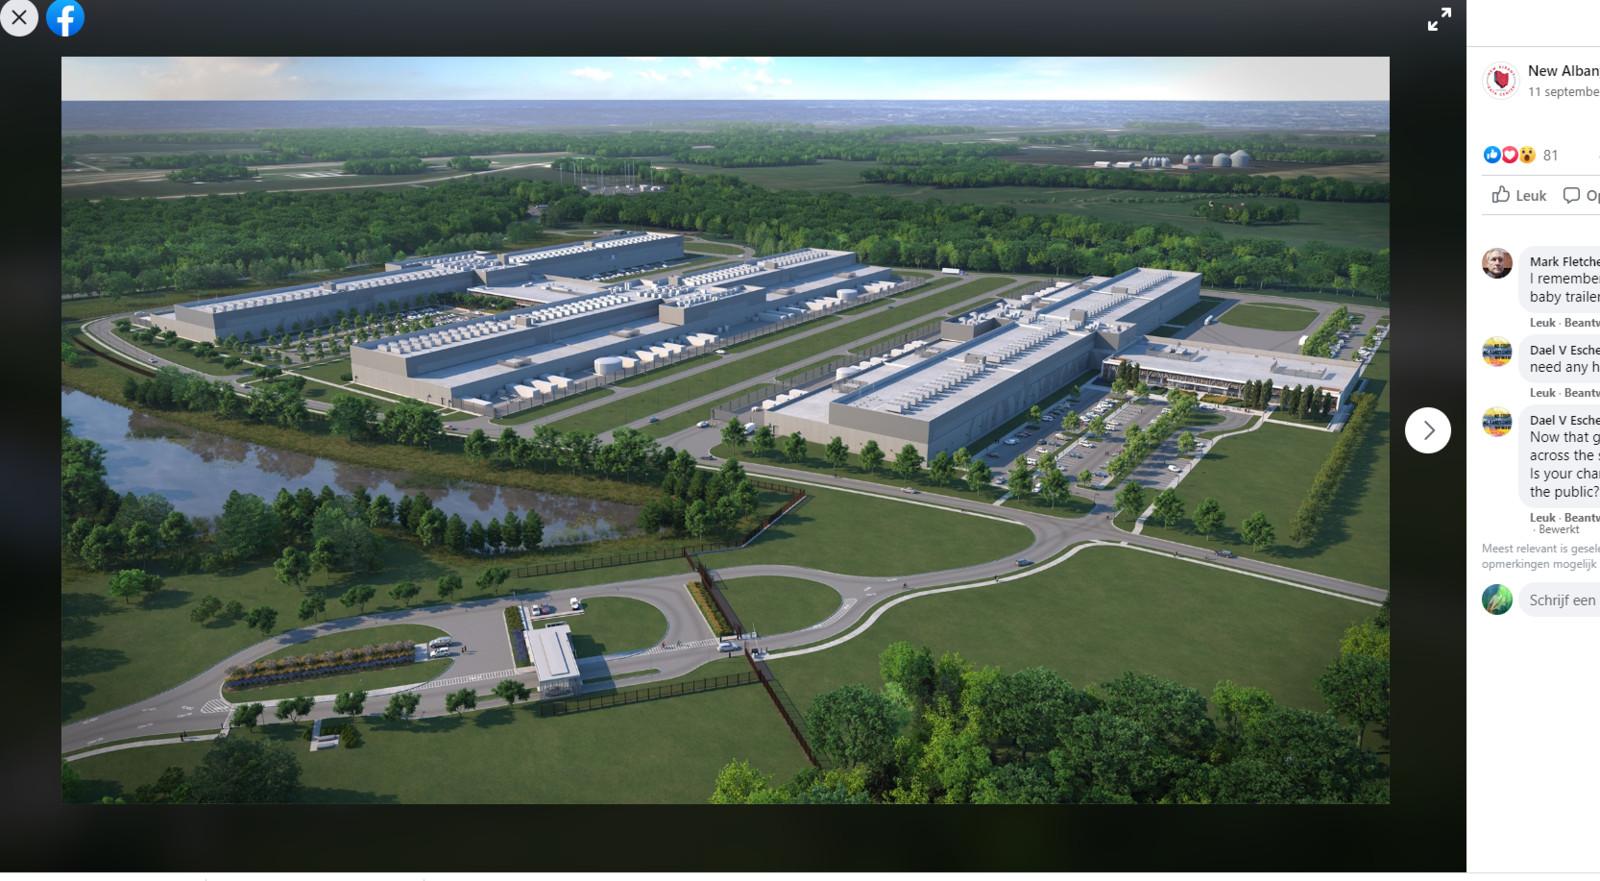 Het datacenter met een zeer vergelijkbare toegangsweg in New Albany, Ohio.